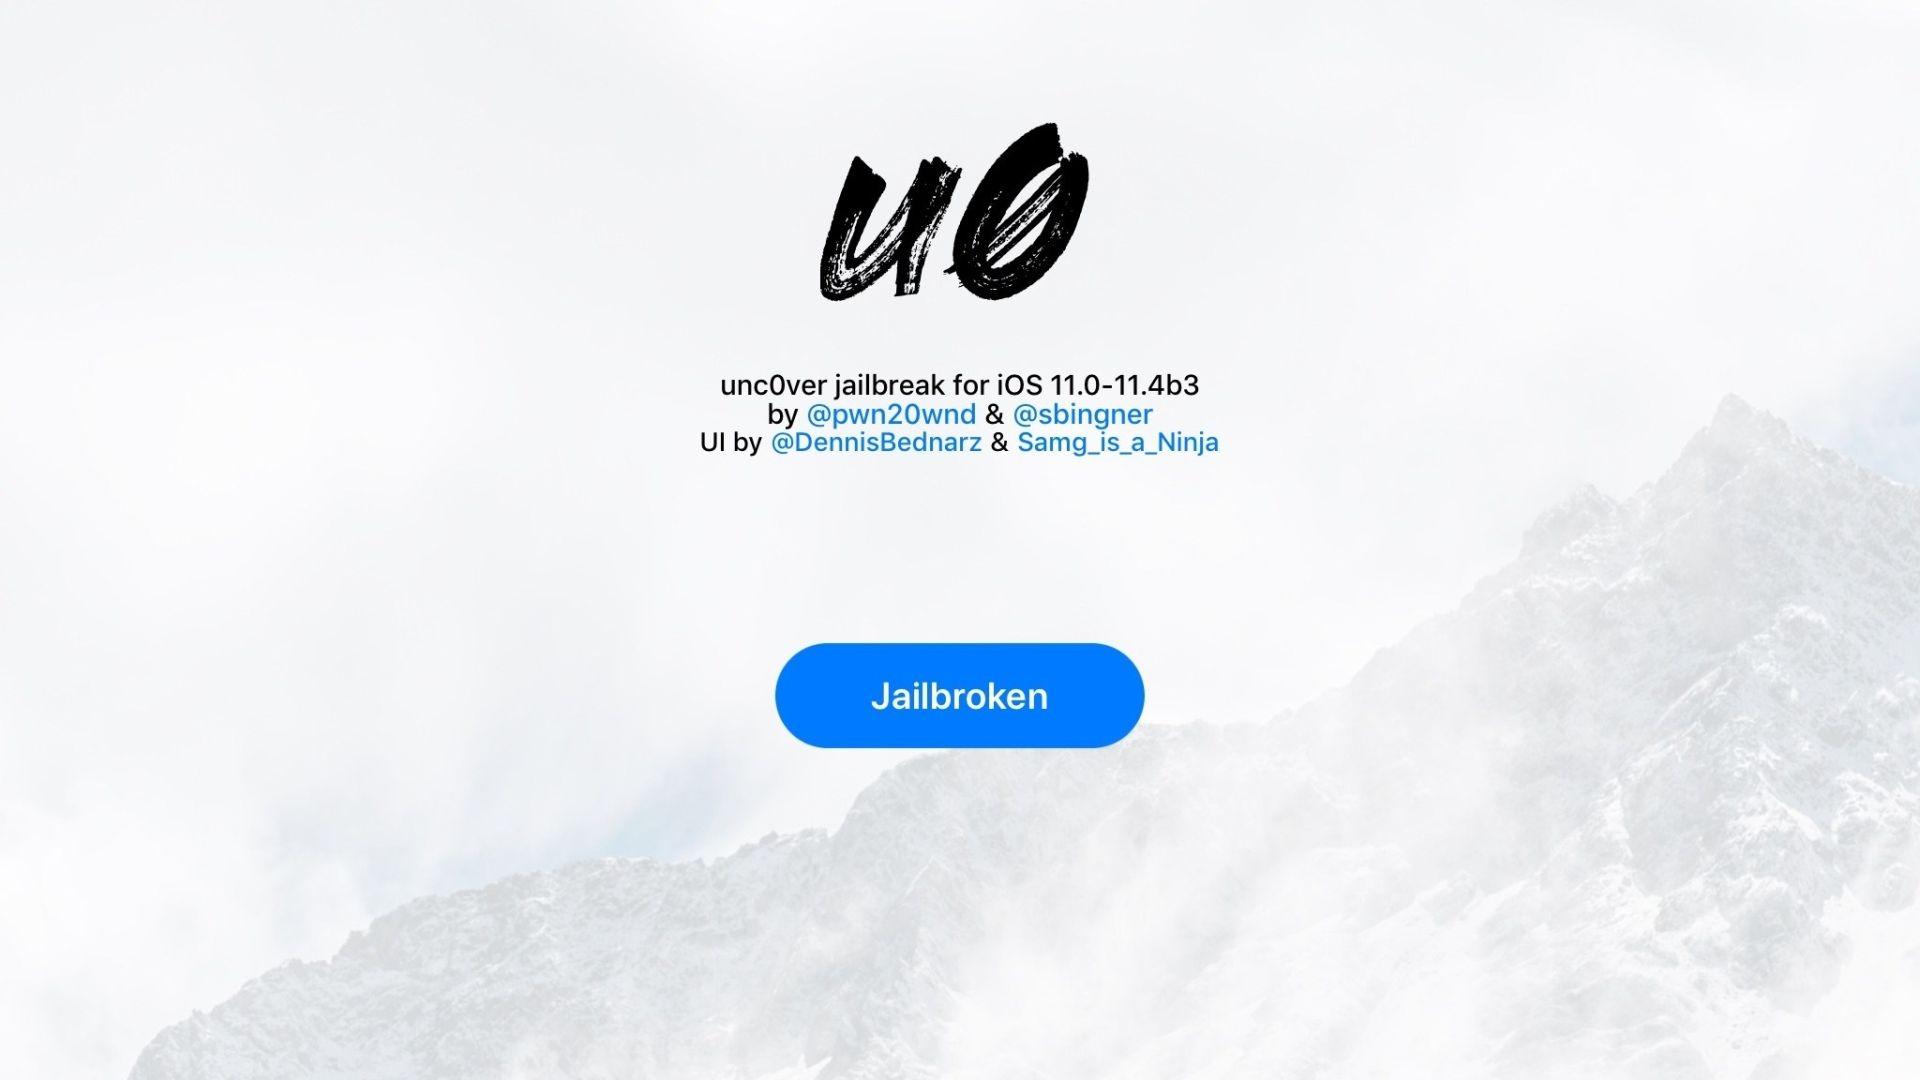 Jak wykonać jailbreak iOS 11.0-11.4 beta 3 poprzez narzędzie unc0ver?